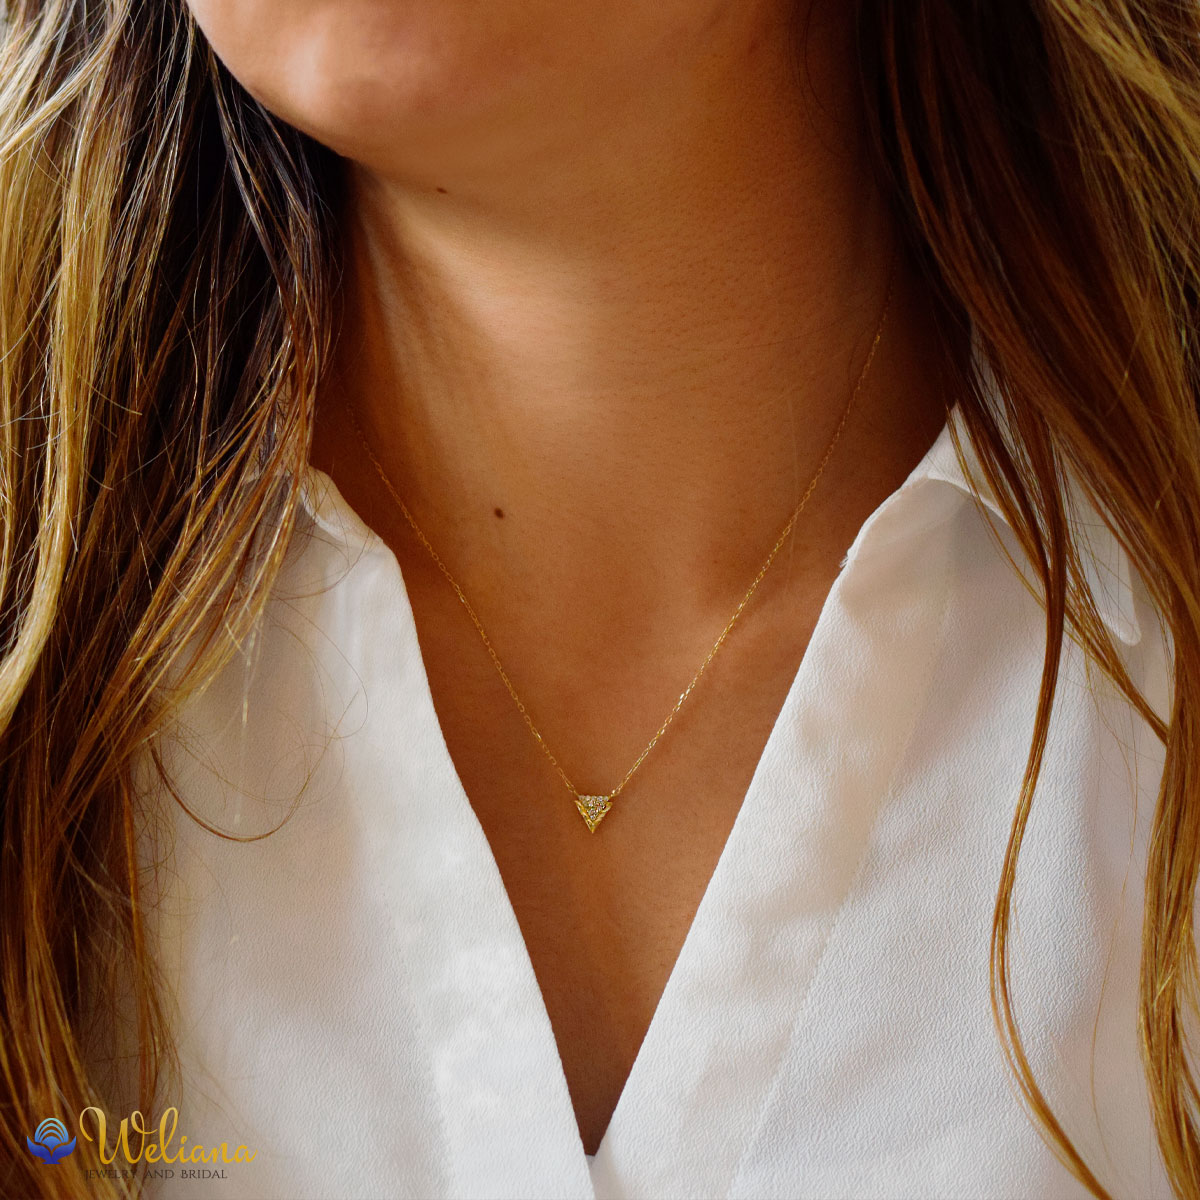 ハワイアンジュエリー ネックレス K18 ゴールド ダイヤモンド (Weliana)トライアングルウェーブ ダイヤ 0.07ctペンダントwne1602